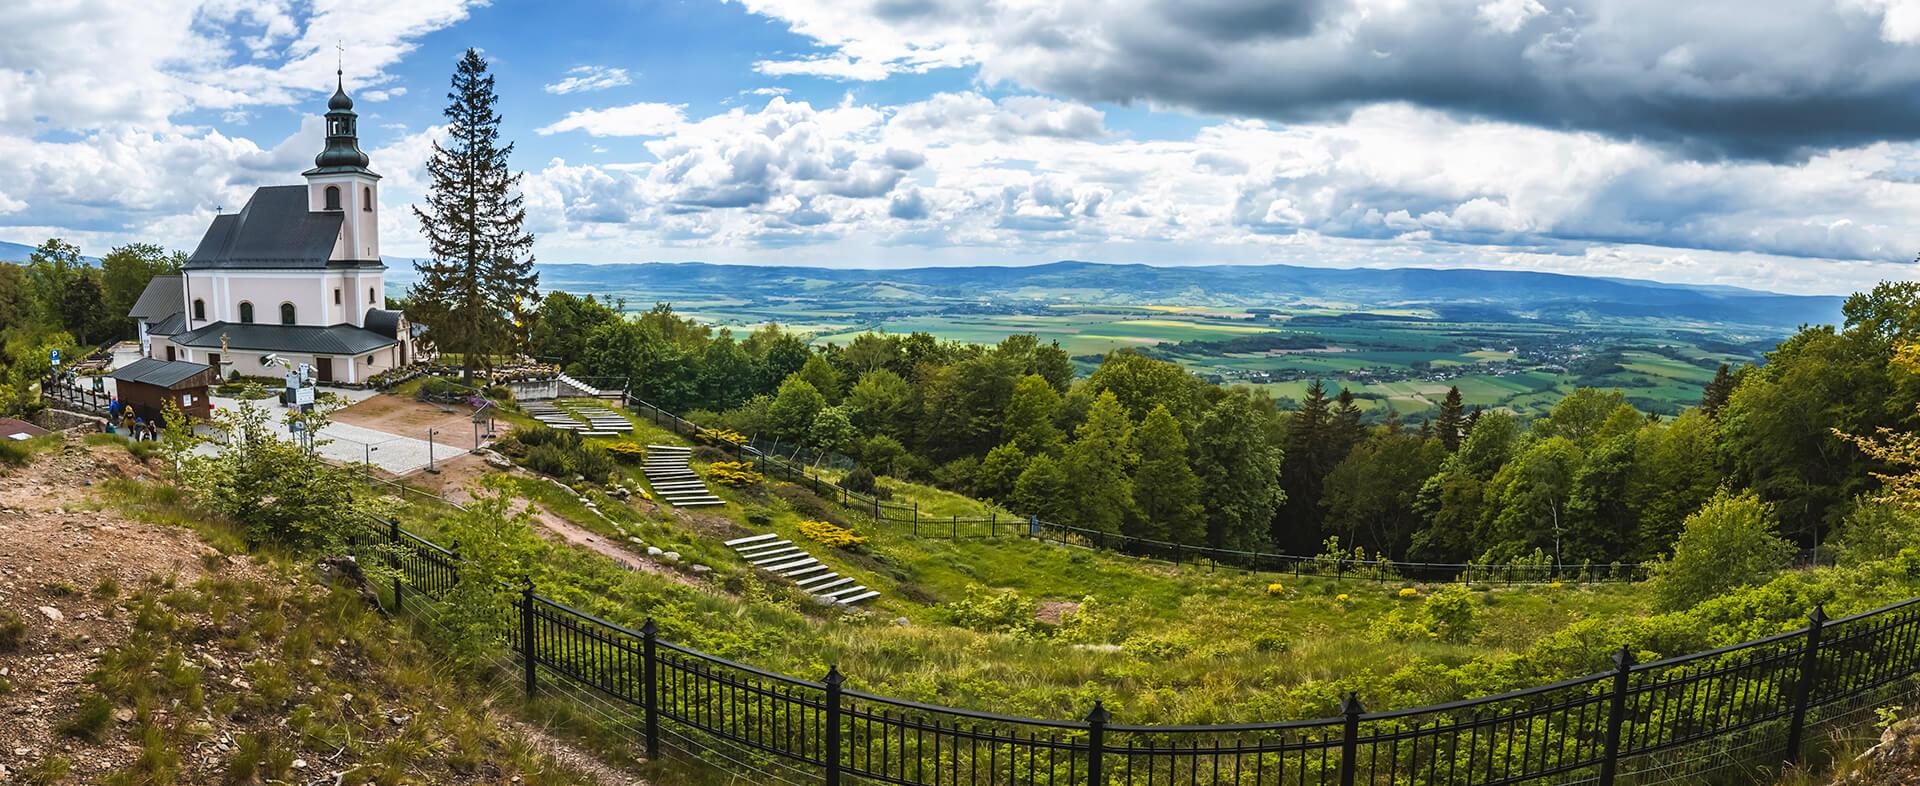 Co warto zobaczyć w Międzygórze – Najpopularniejsze atrakcje